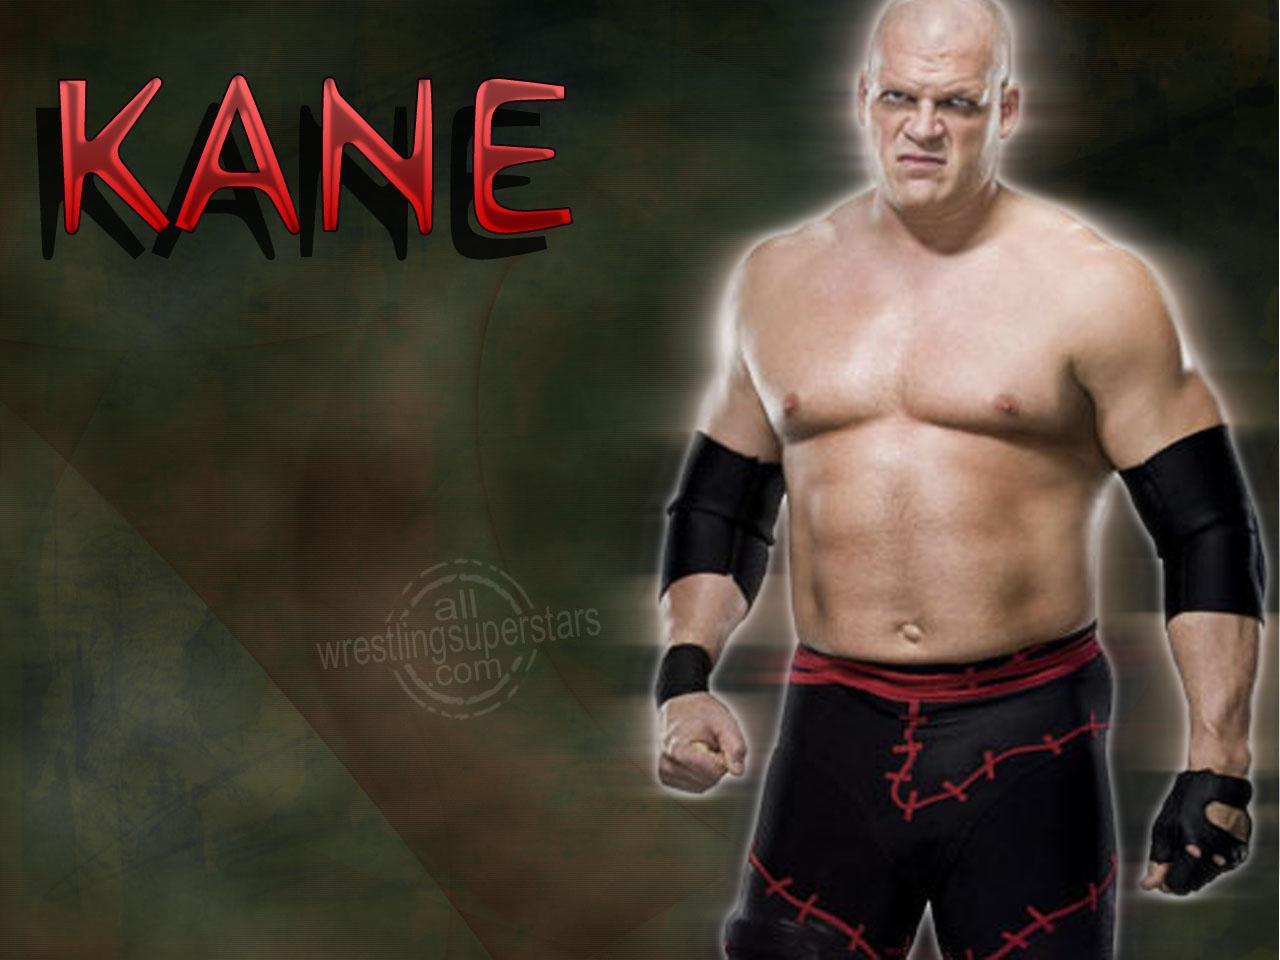 kane القاتل WWE-WALLPAPERS-KANE-9